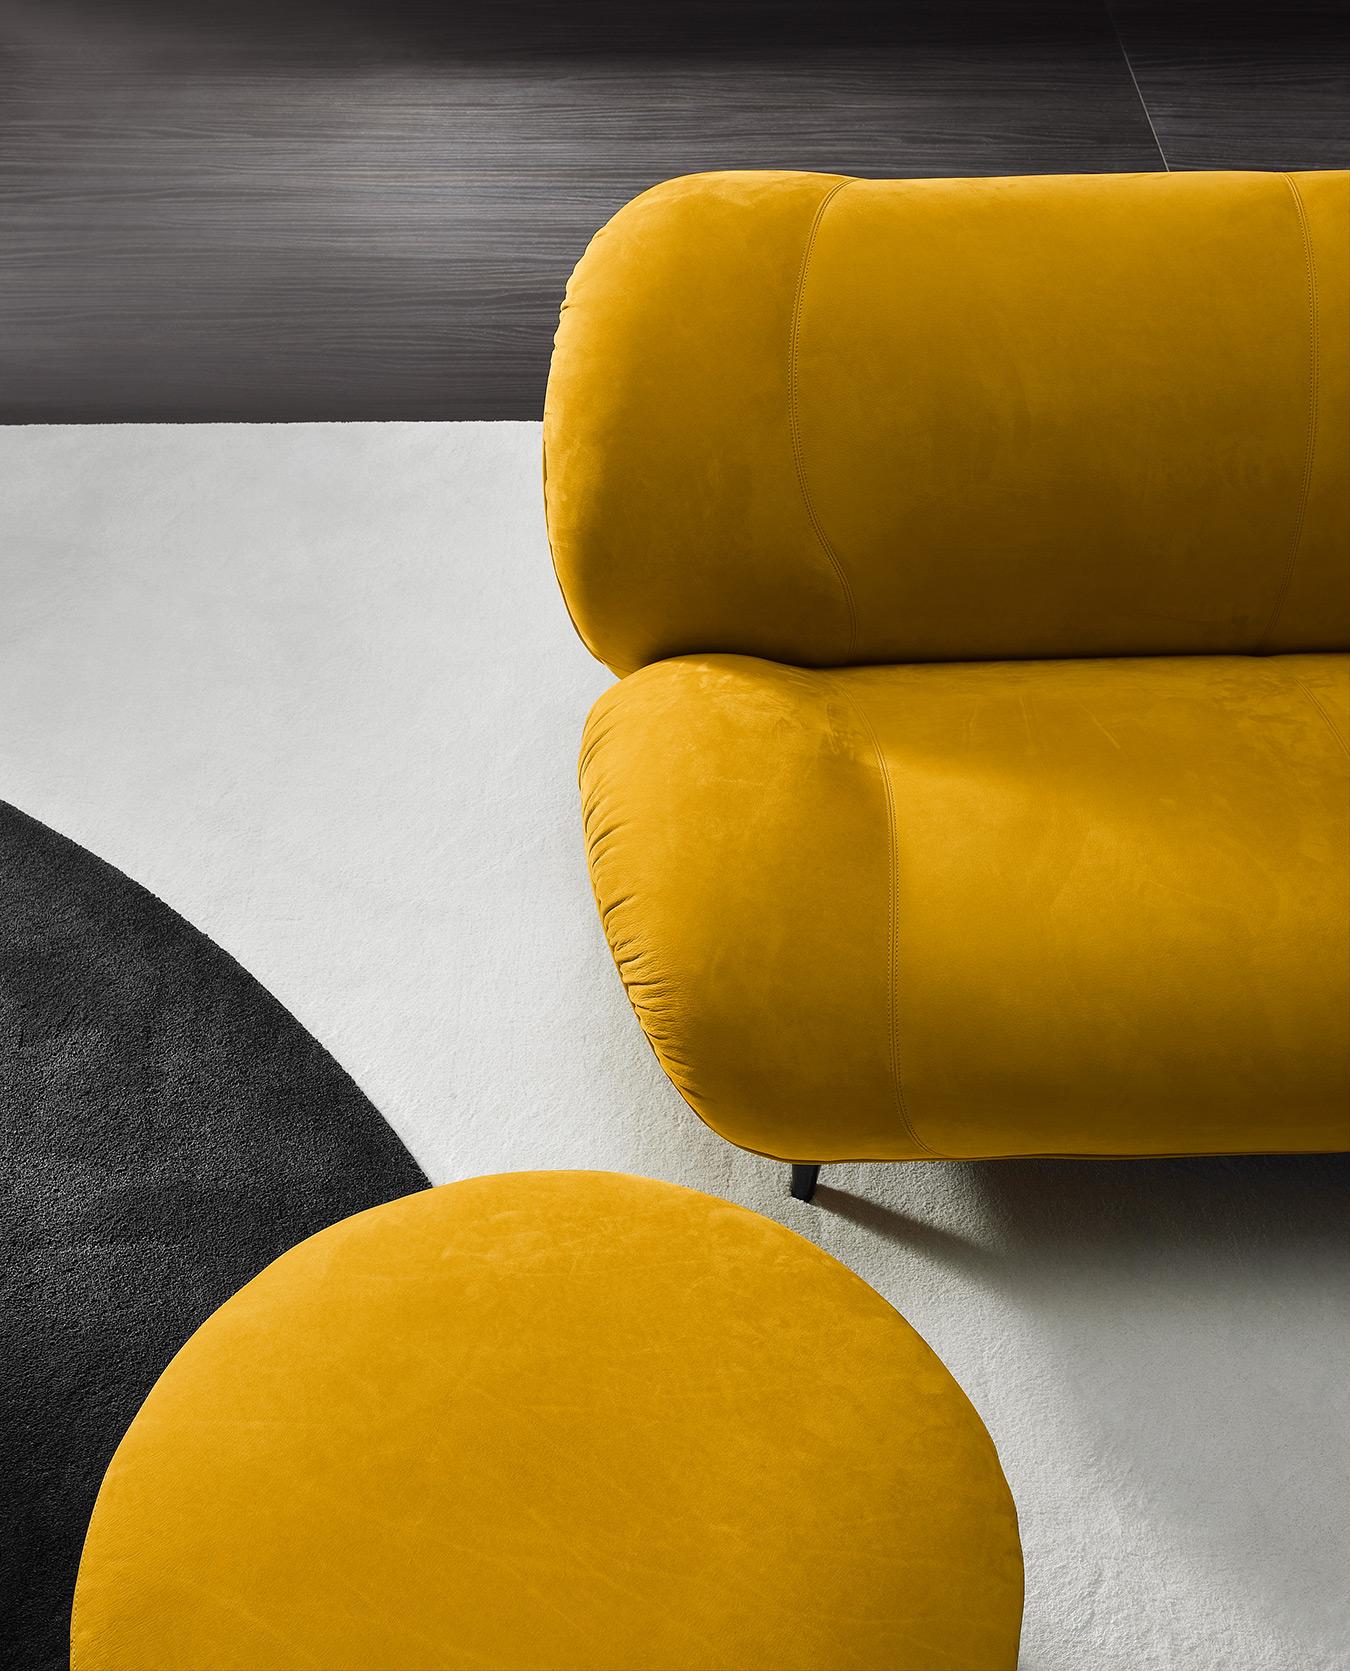 yellow velvet beg with low black legs, veloudos kitrinos kanapes xamilos, xamilos monternos kanapes gia playroom, low yellow velvet sofa set,